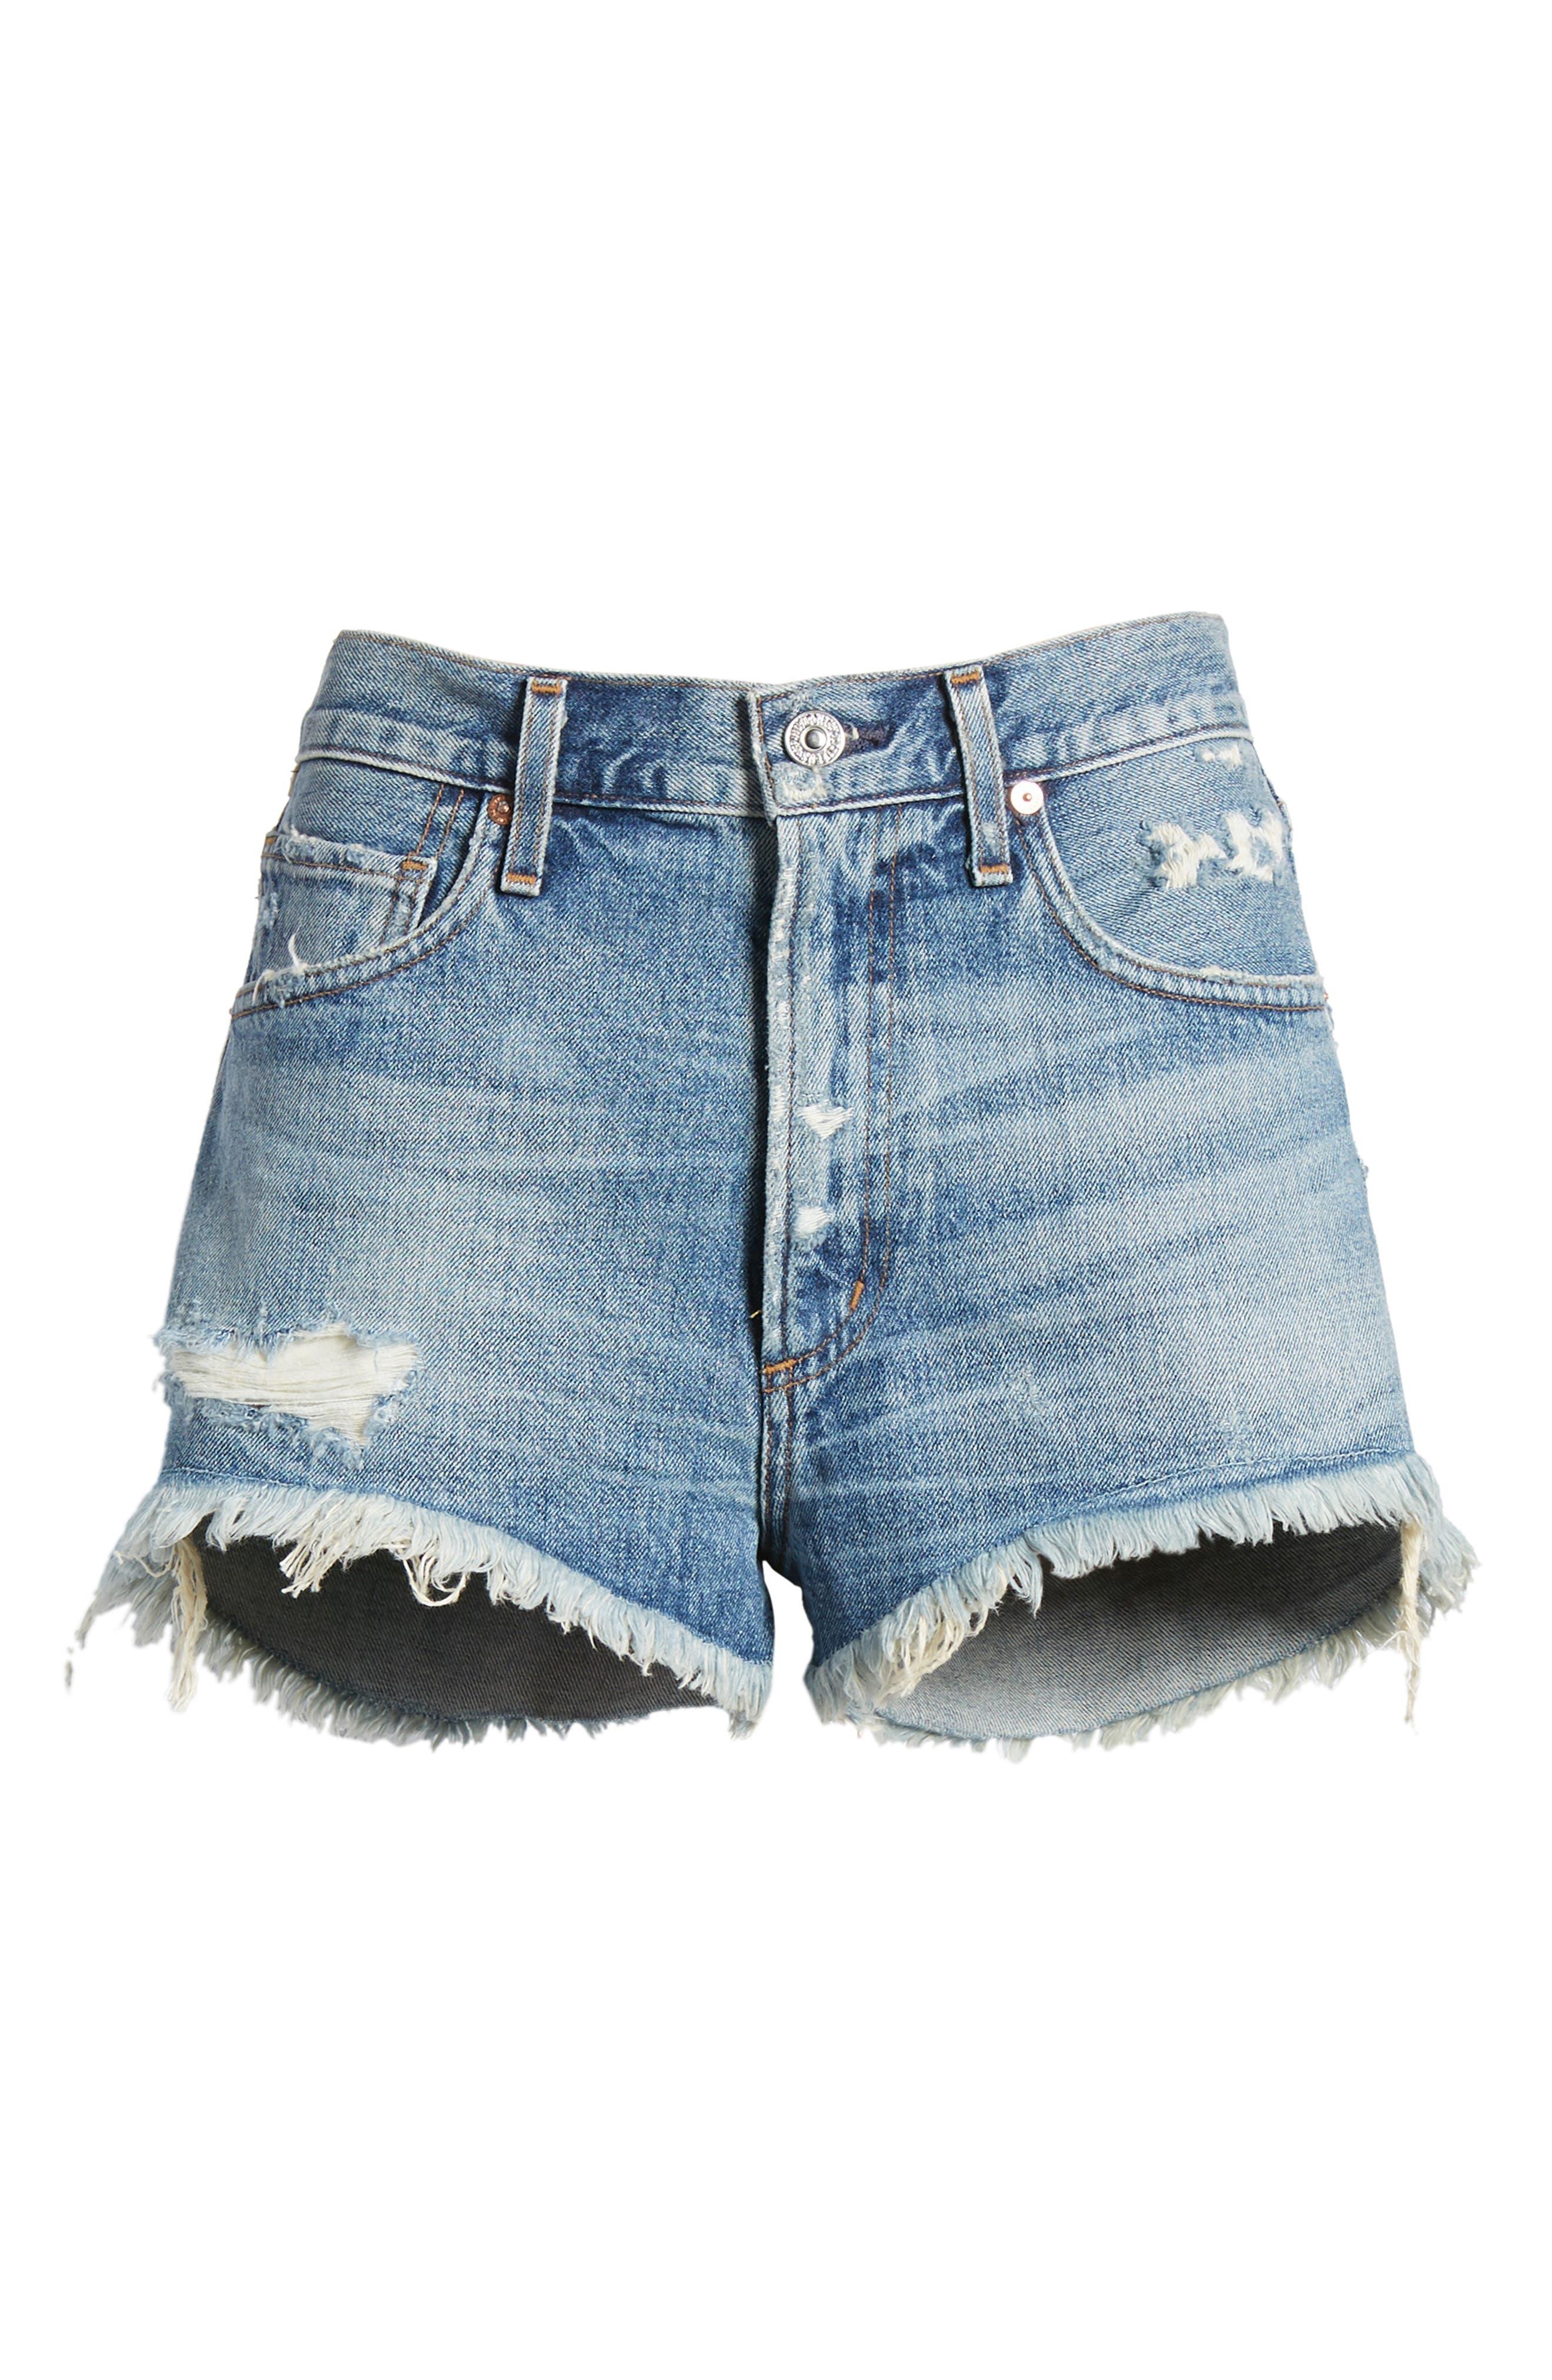 Danielle High Waist Cutoff Shorts,                             Alternate thumbnail 7, color,                             429